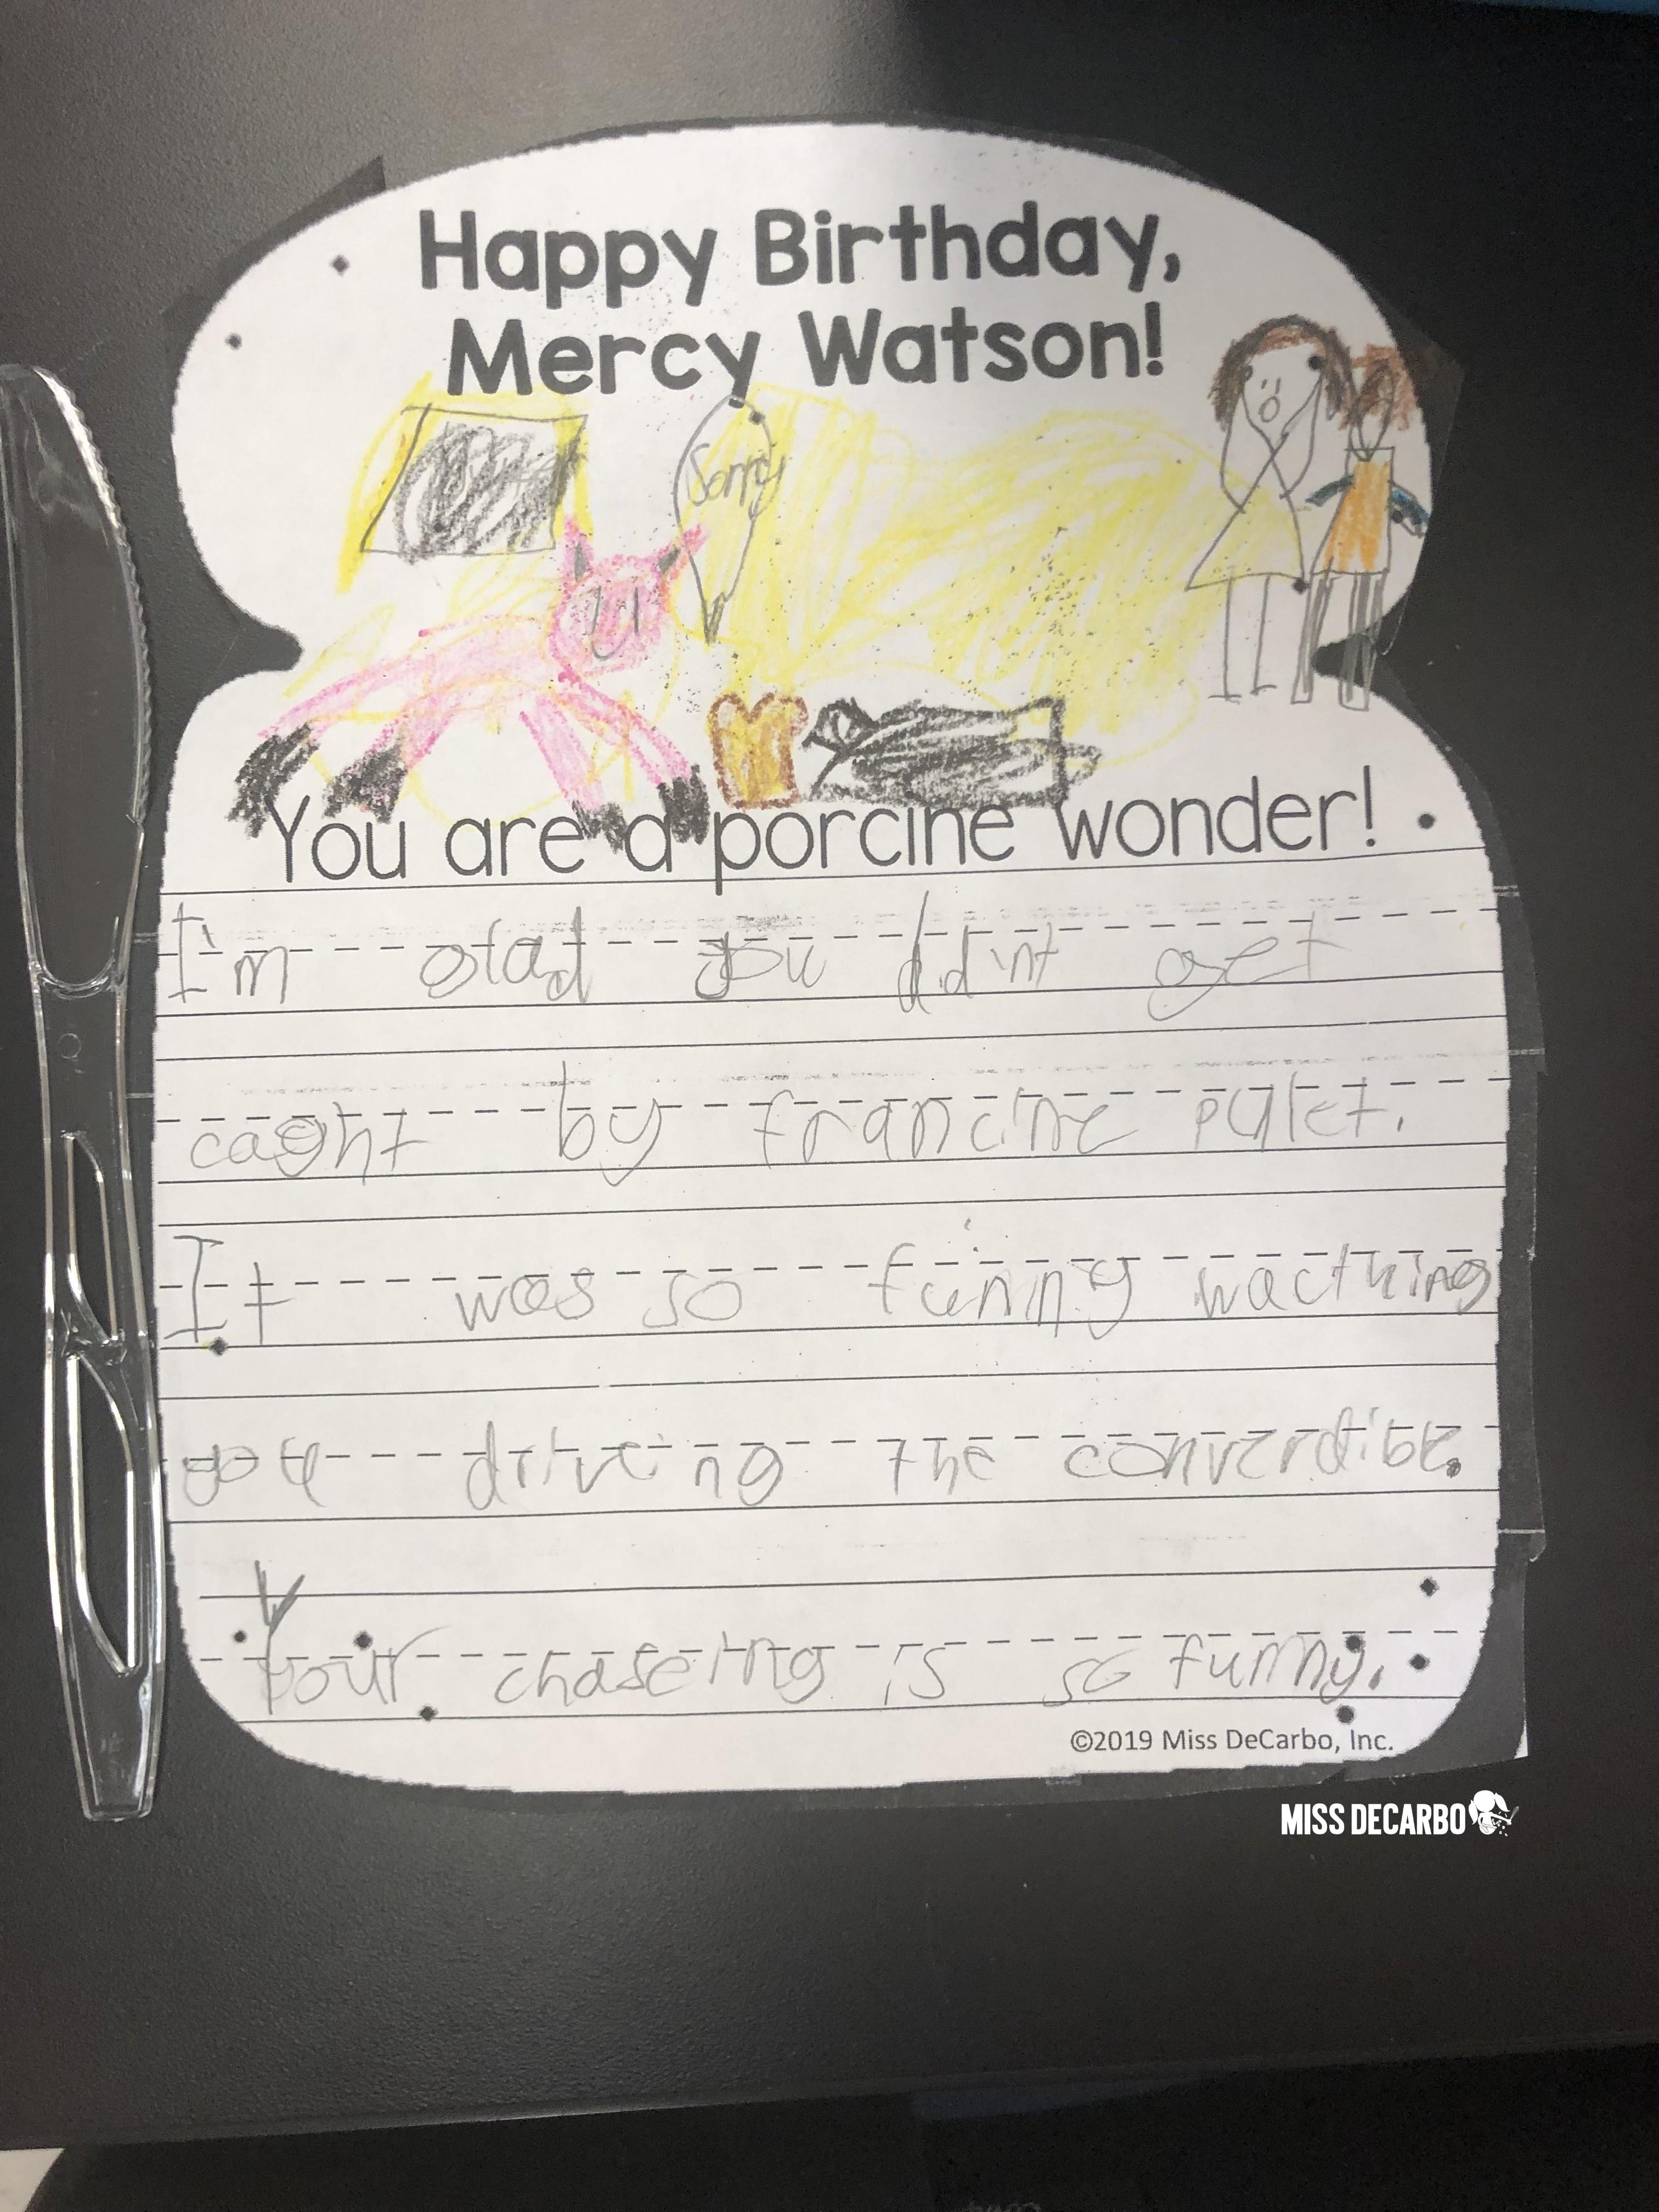 Mercy Watson character trait toast activity